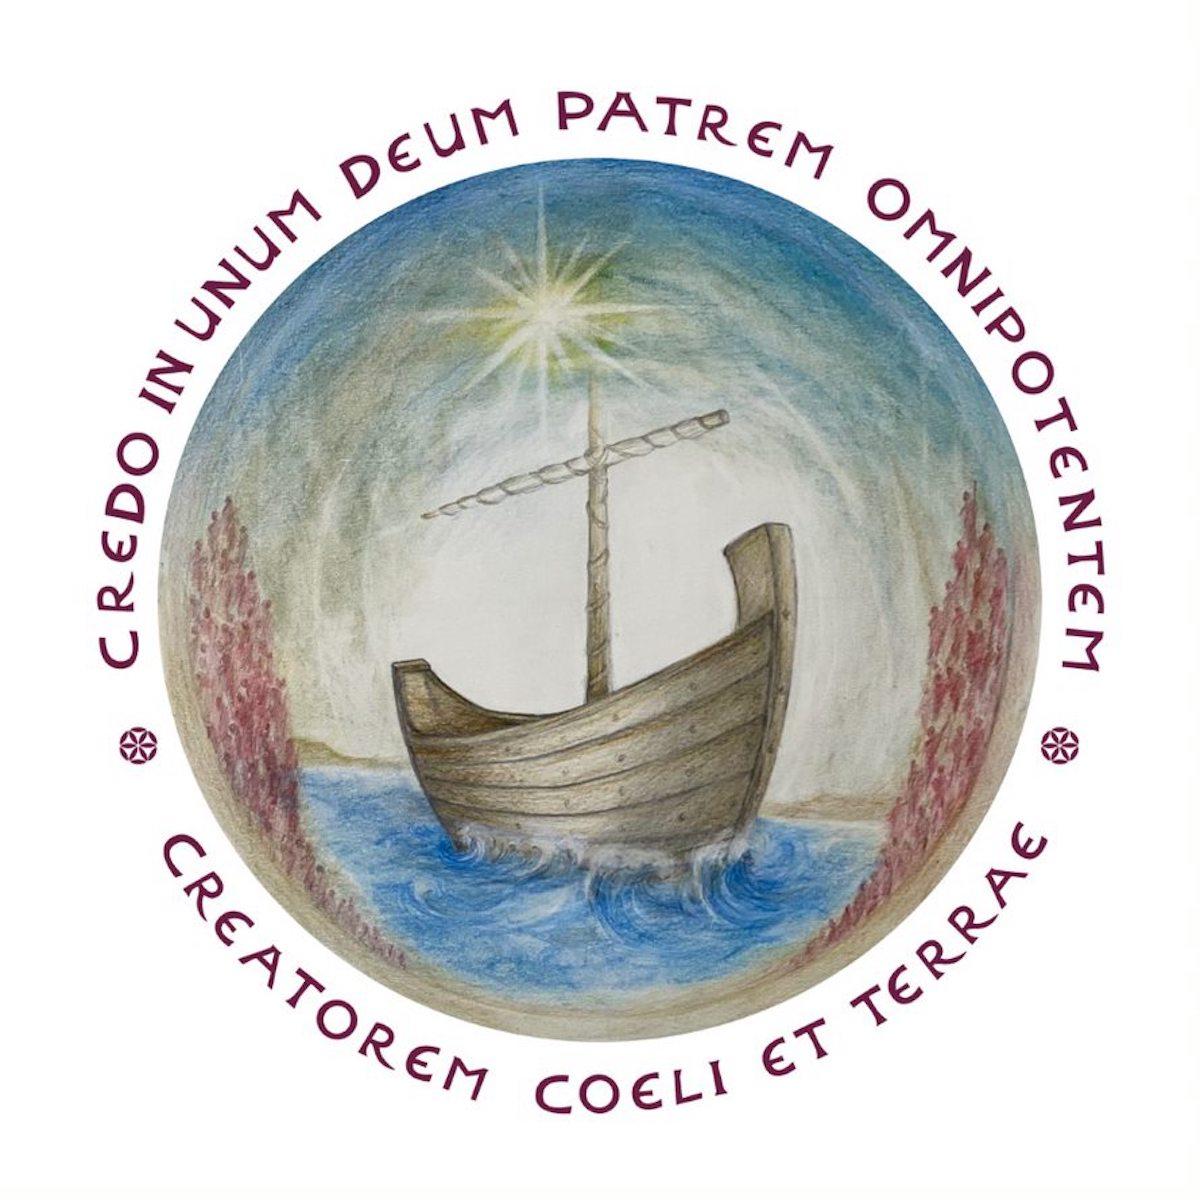 Logotipo de la Peregrinación por Tierra Santa